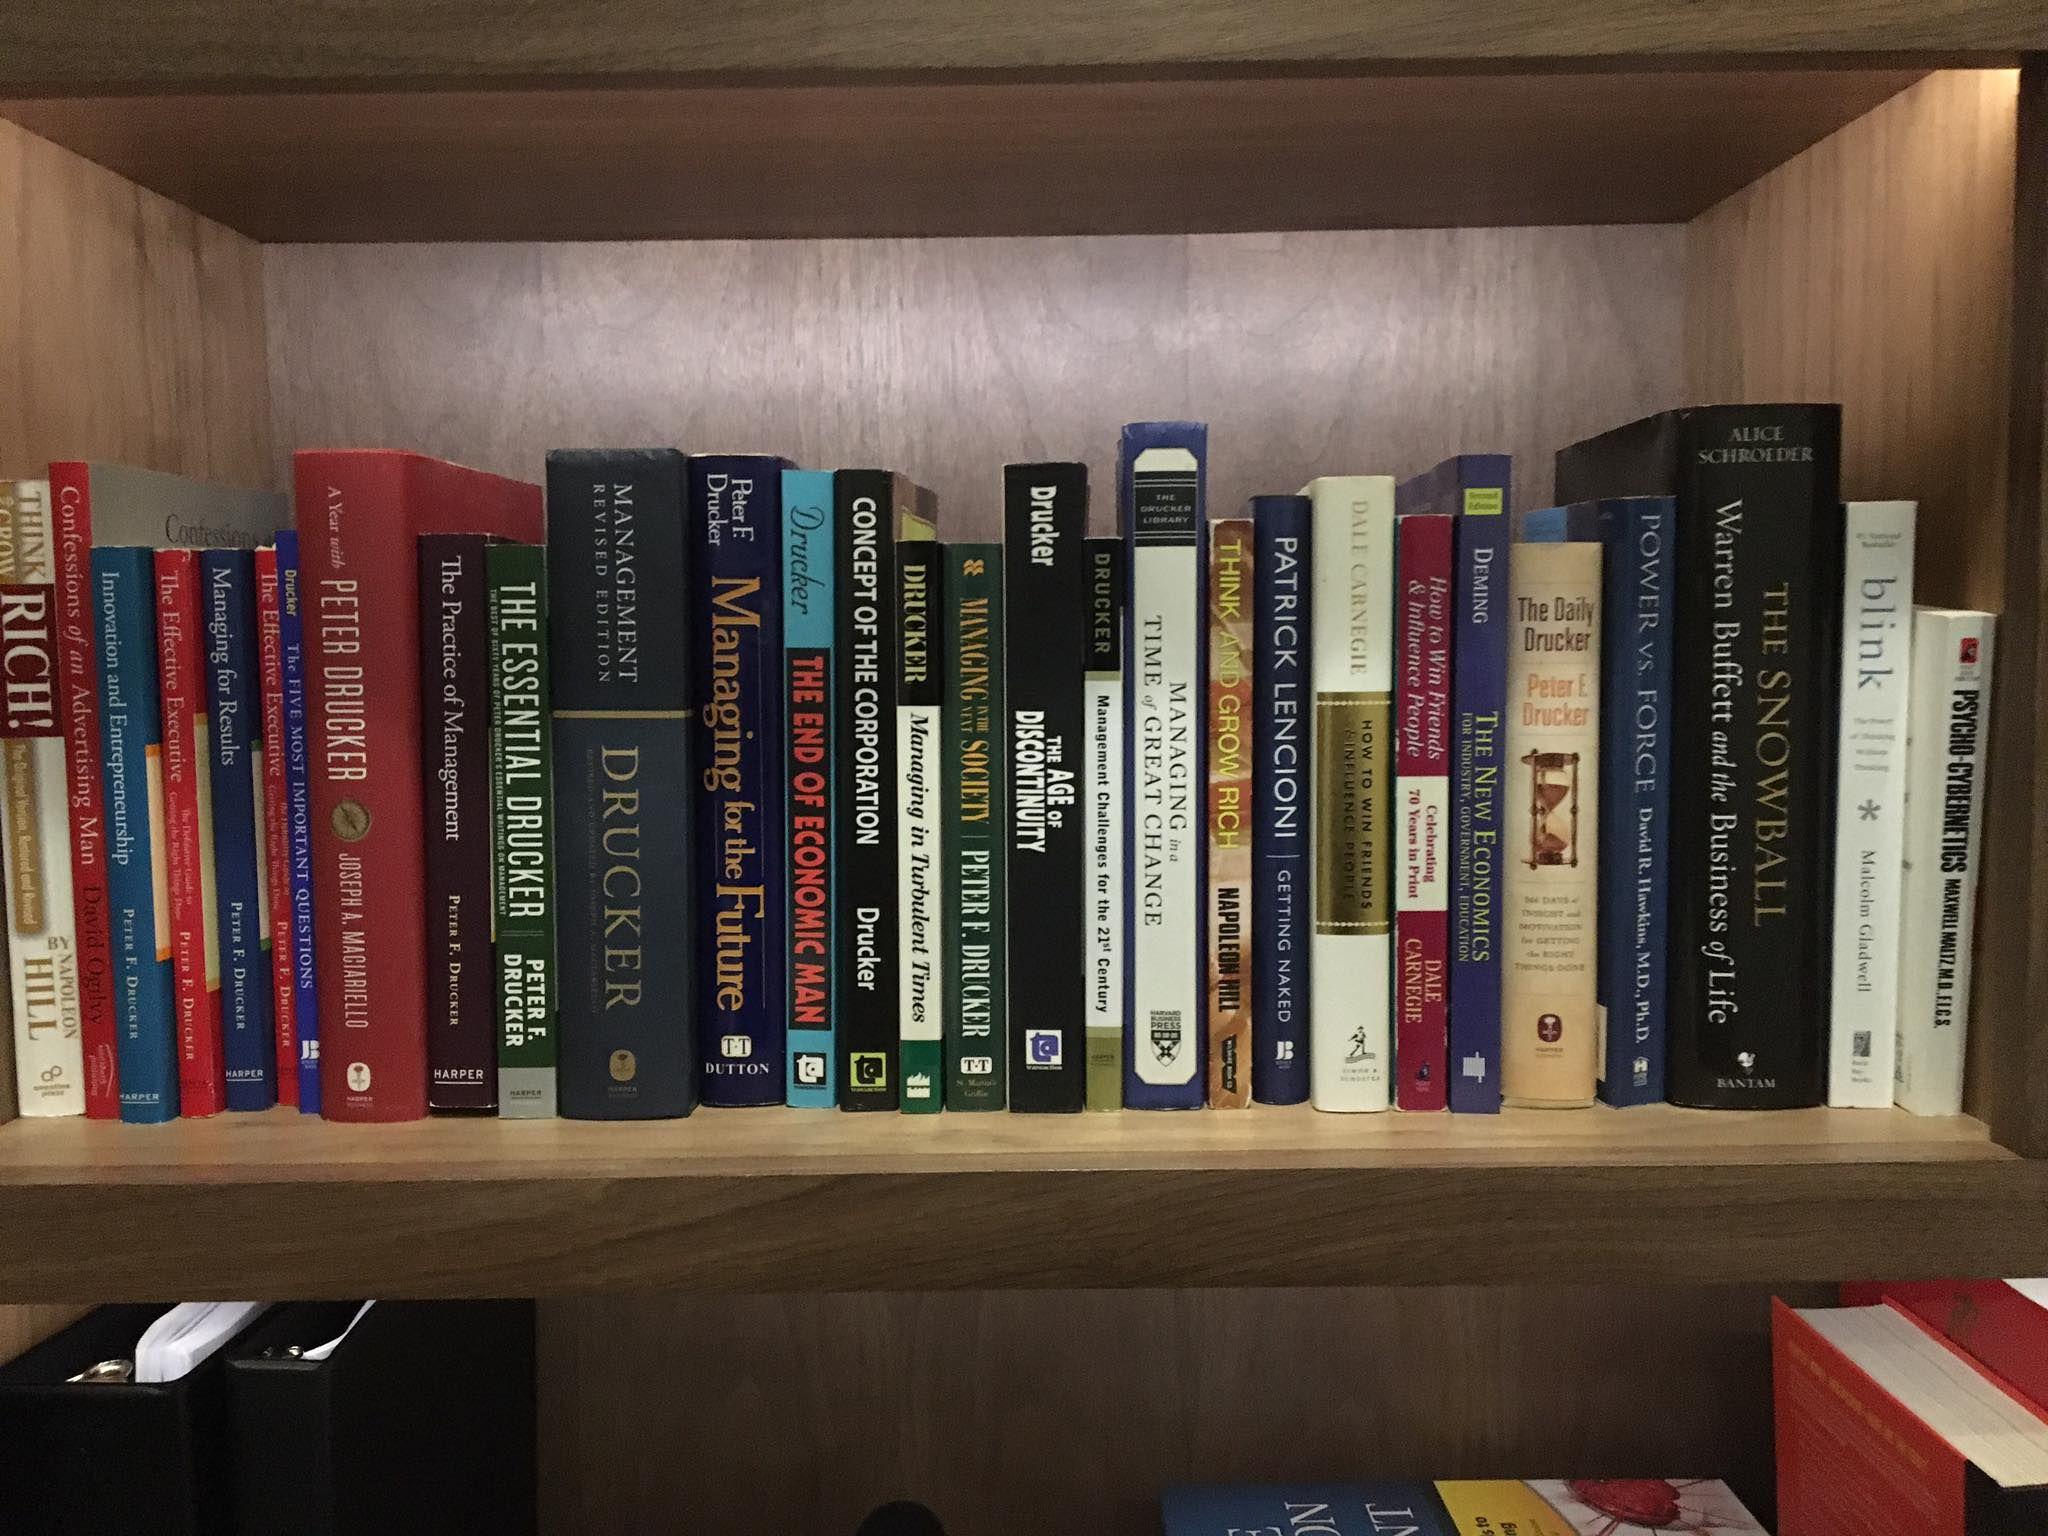 Bookshelf of a millionaire good books bookshelves home